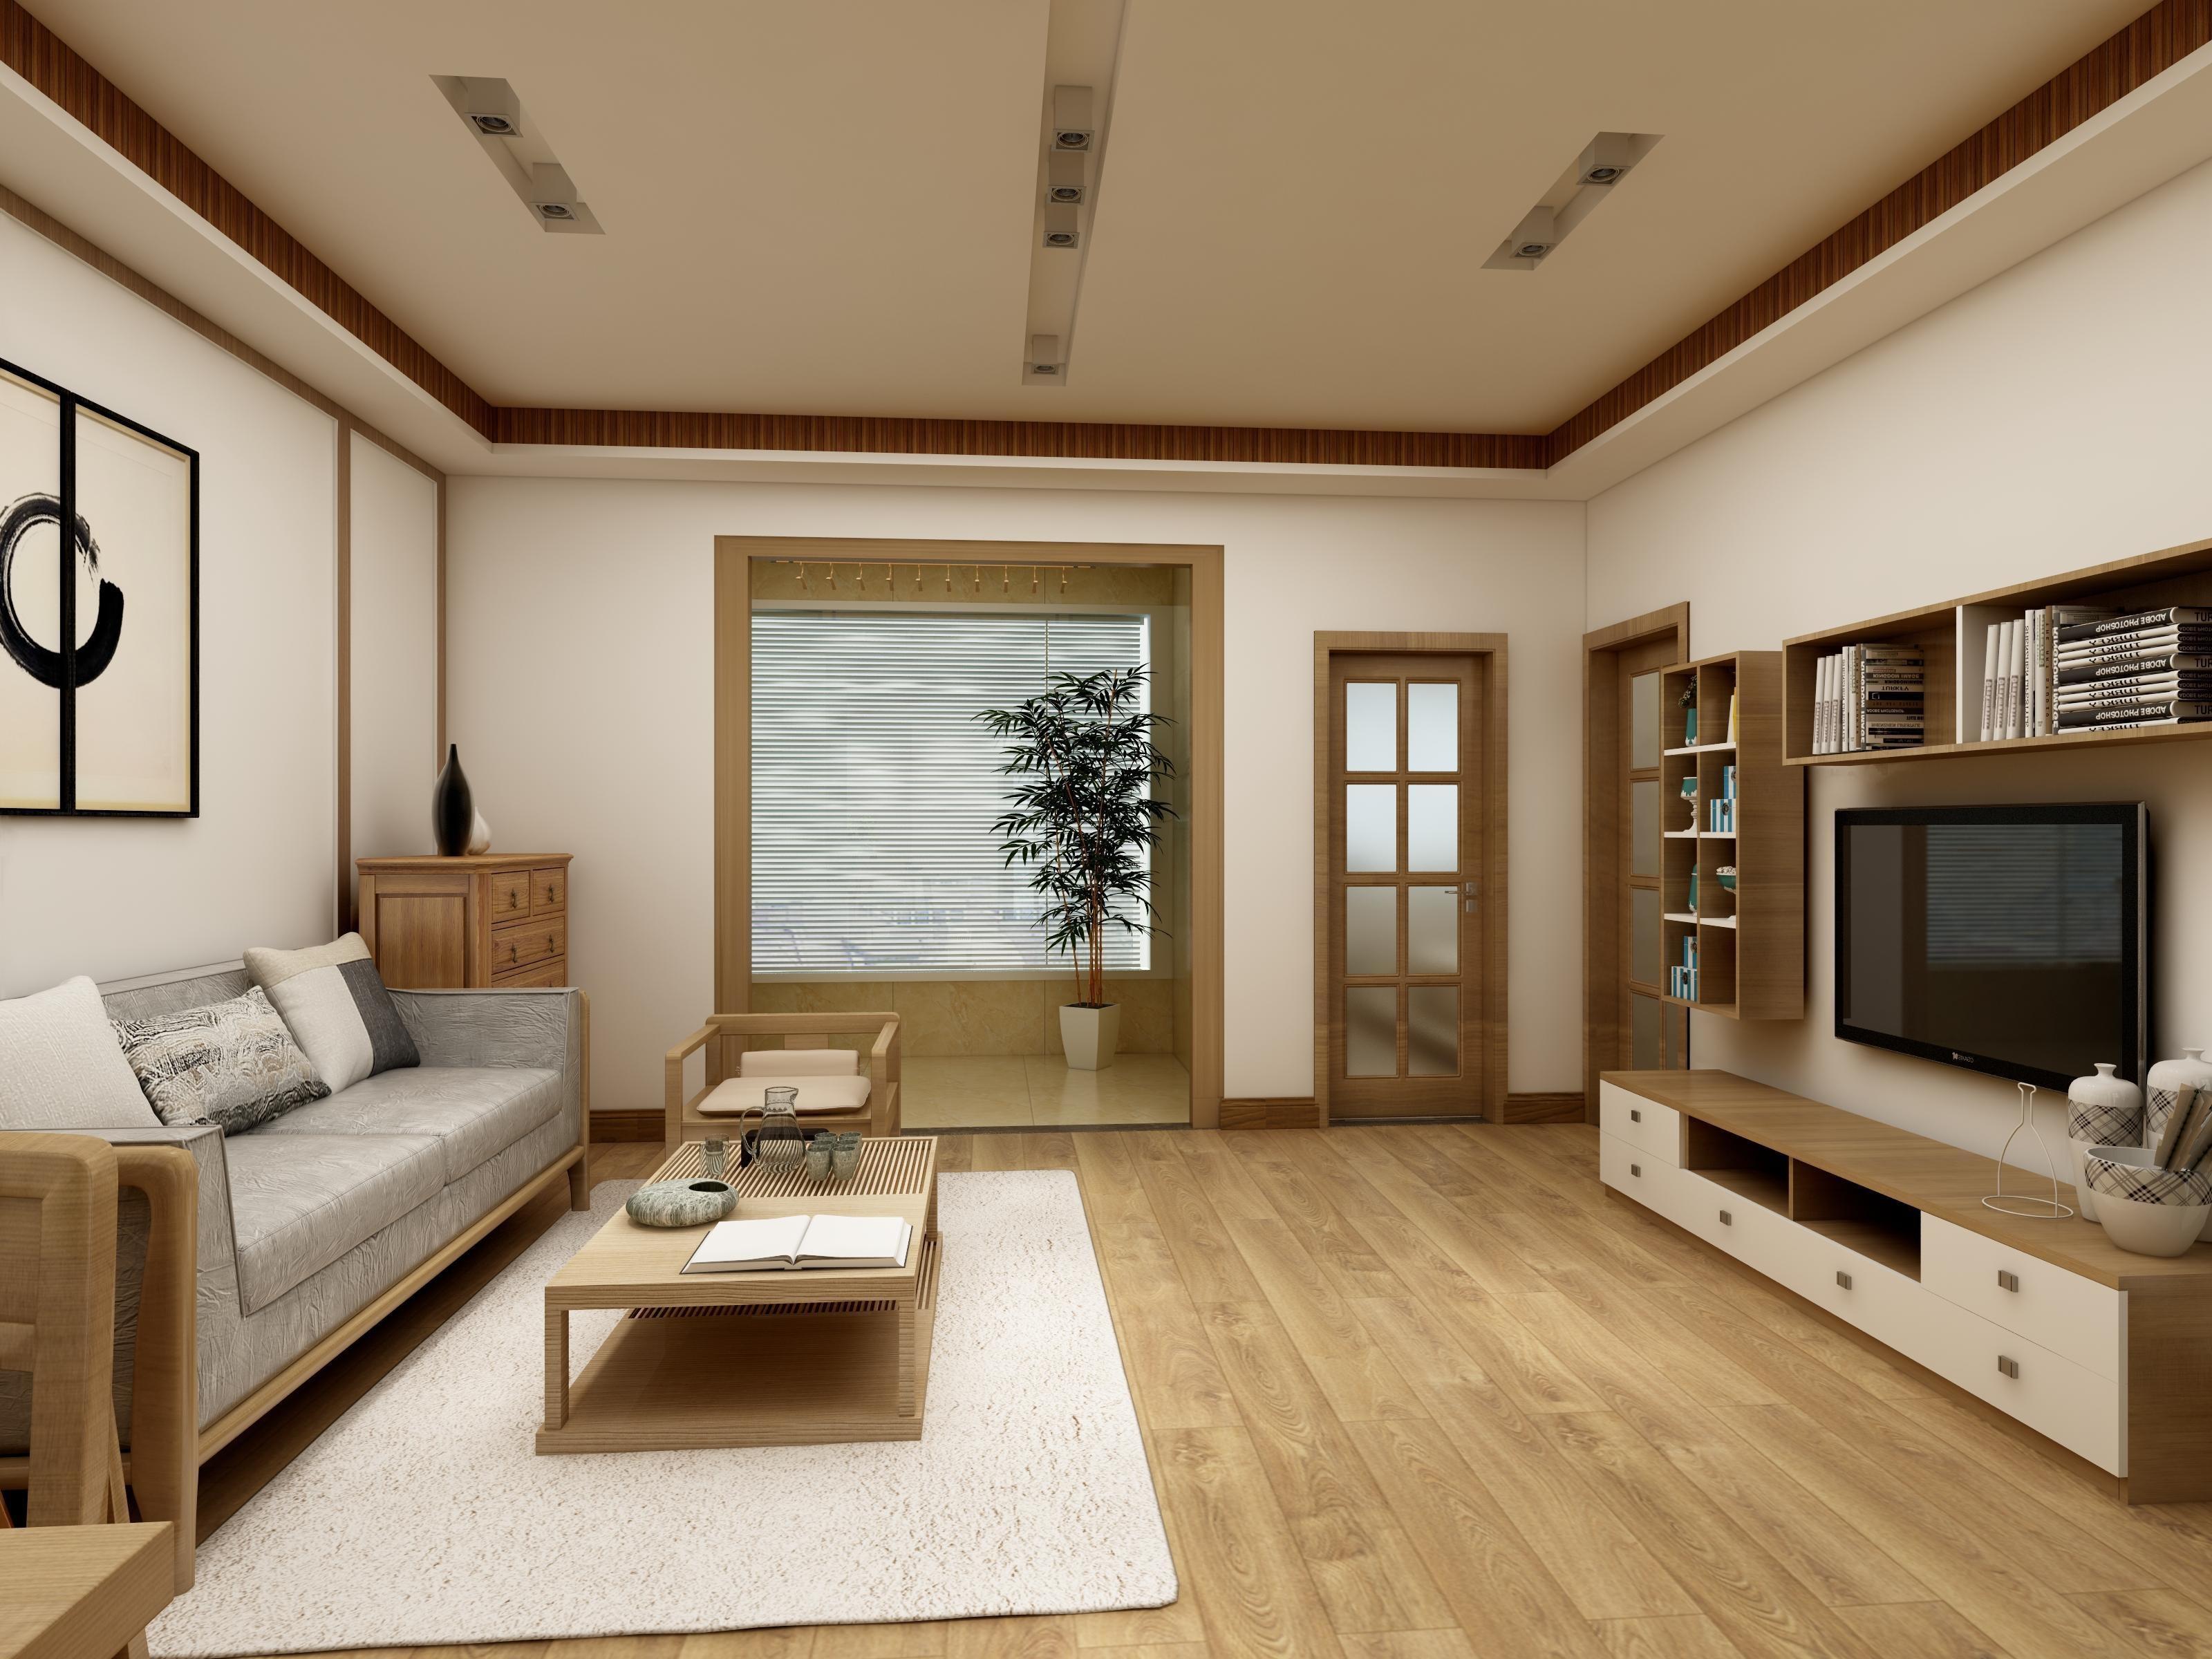 82平现代中式空间客厅效果图